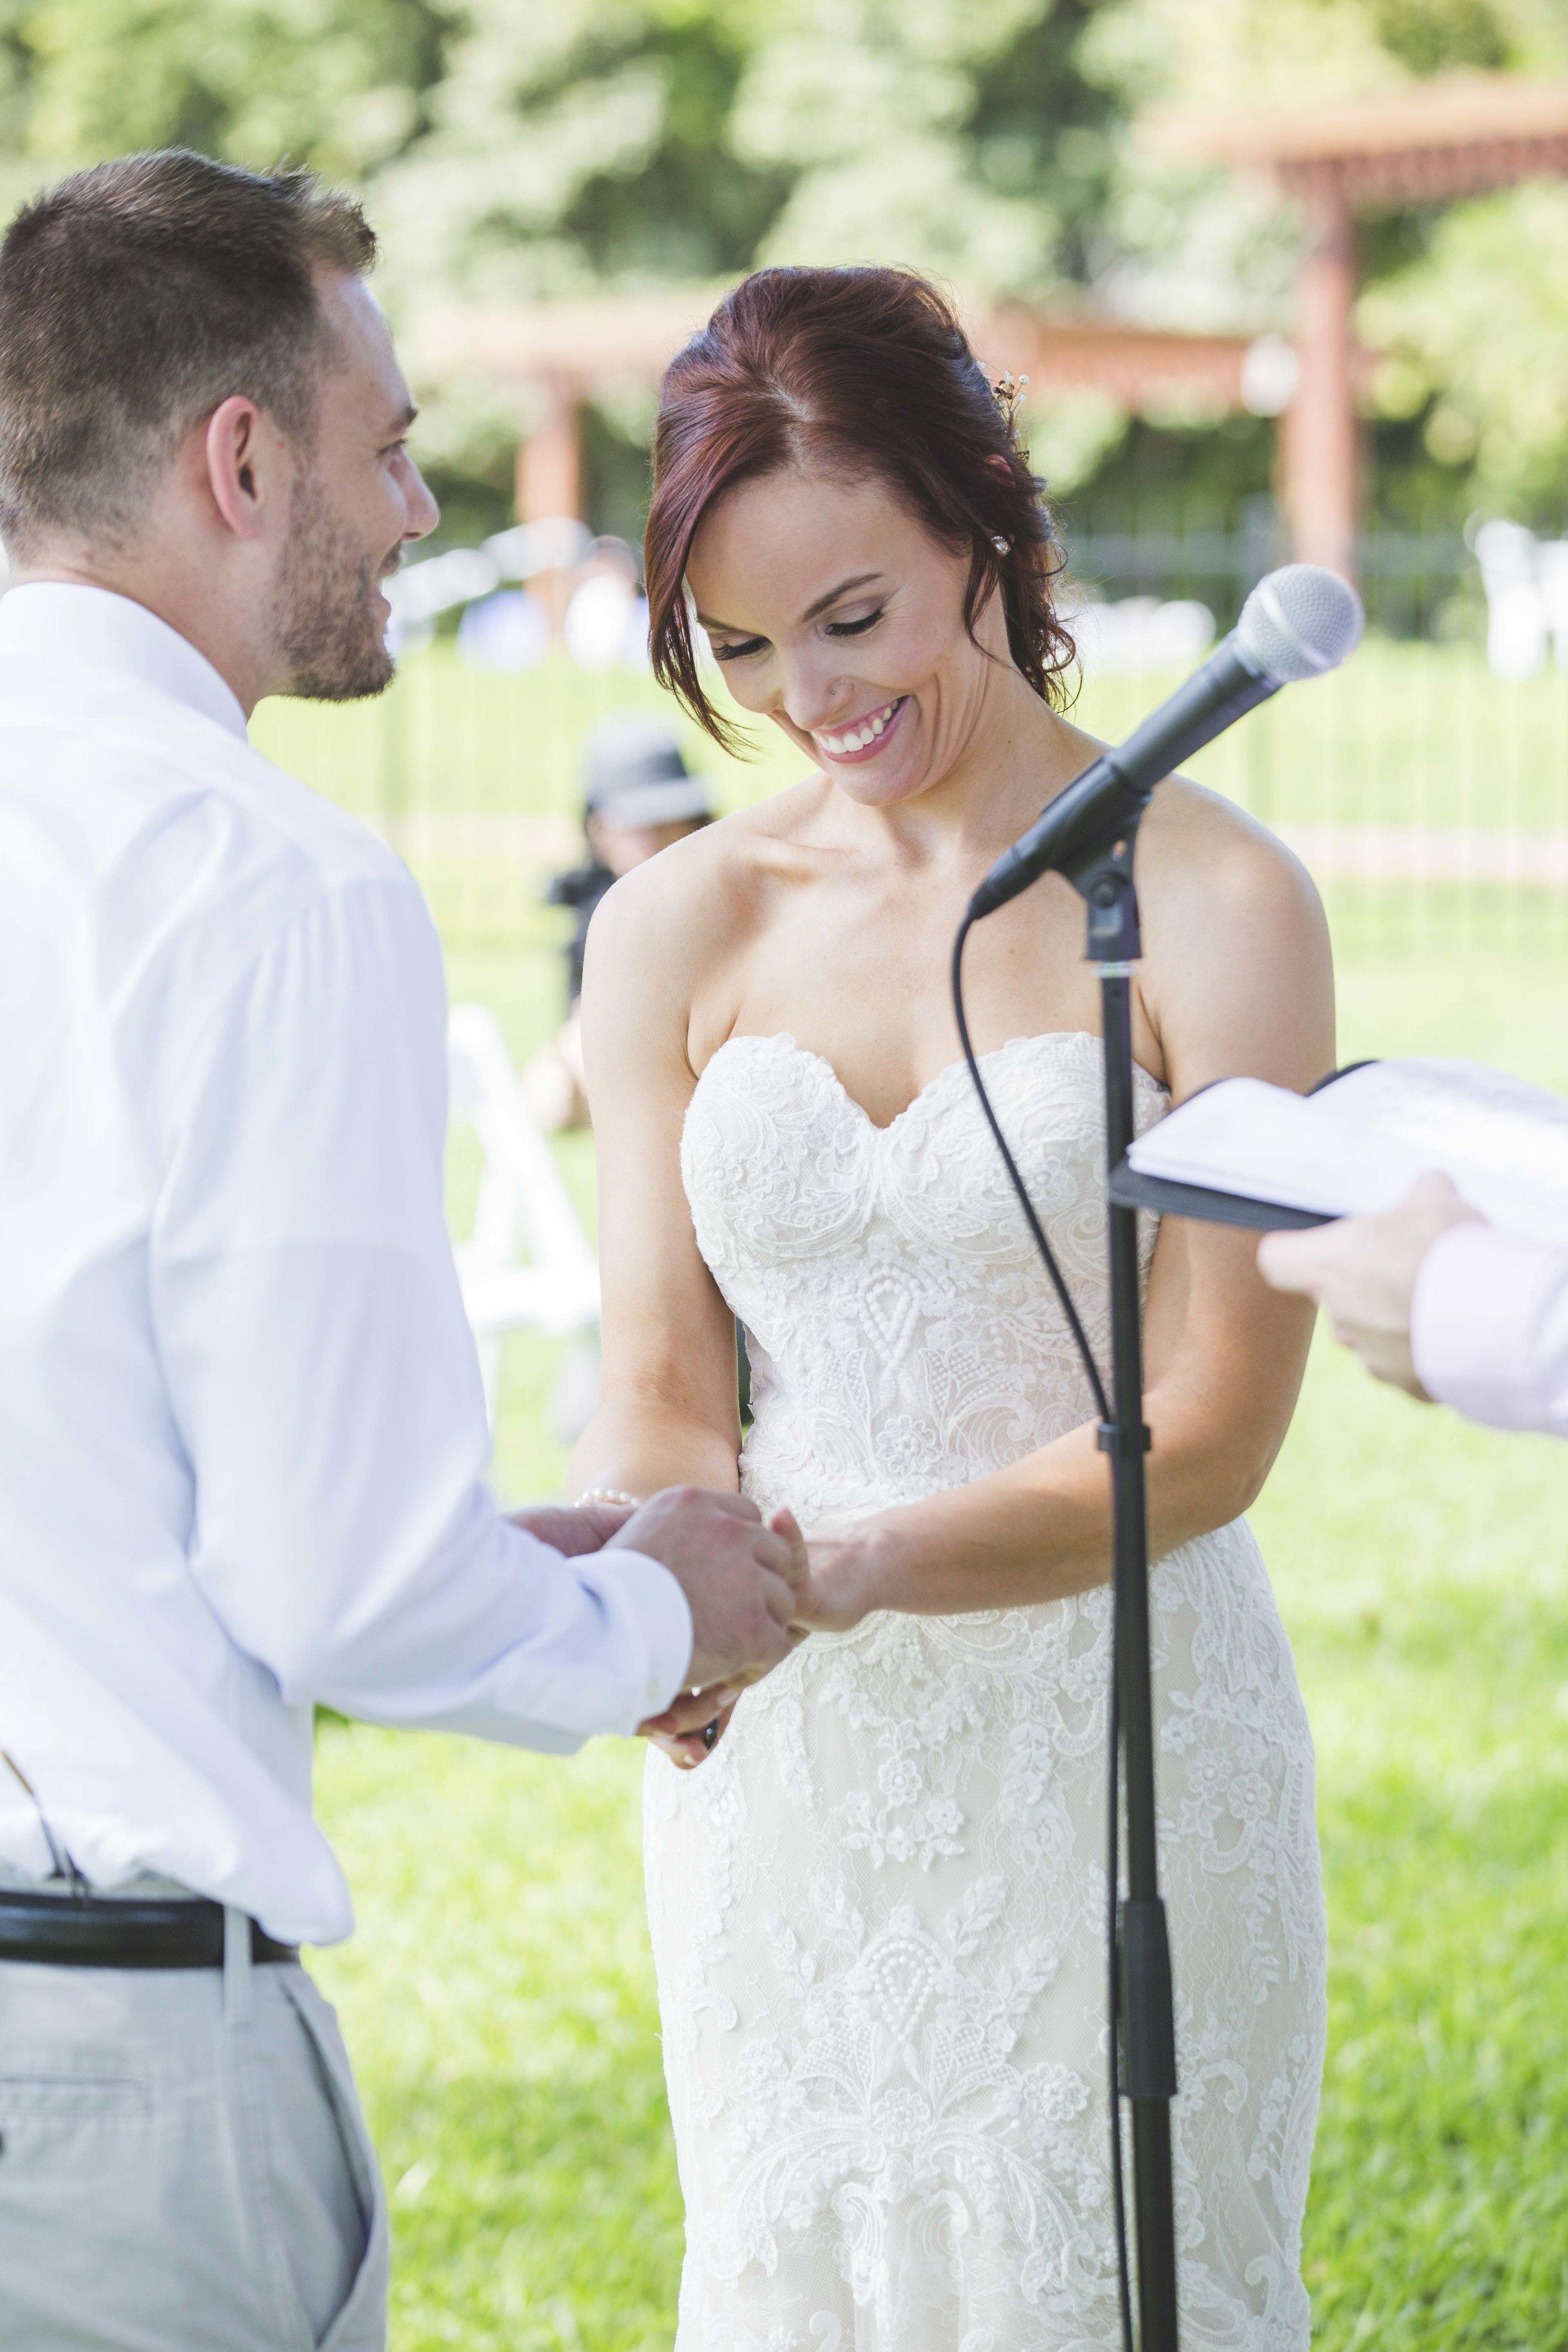 ATGI_Susanna & Matt Wedding_717A7823.jpg